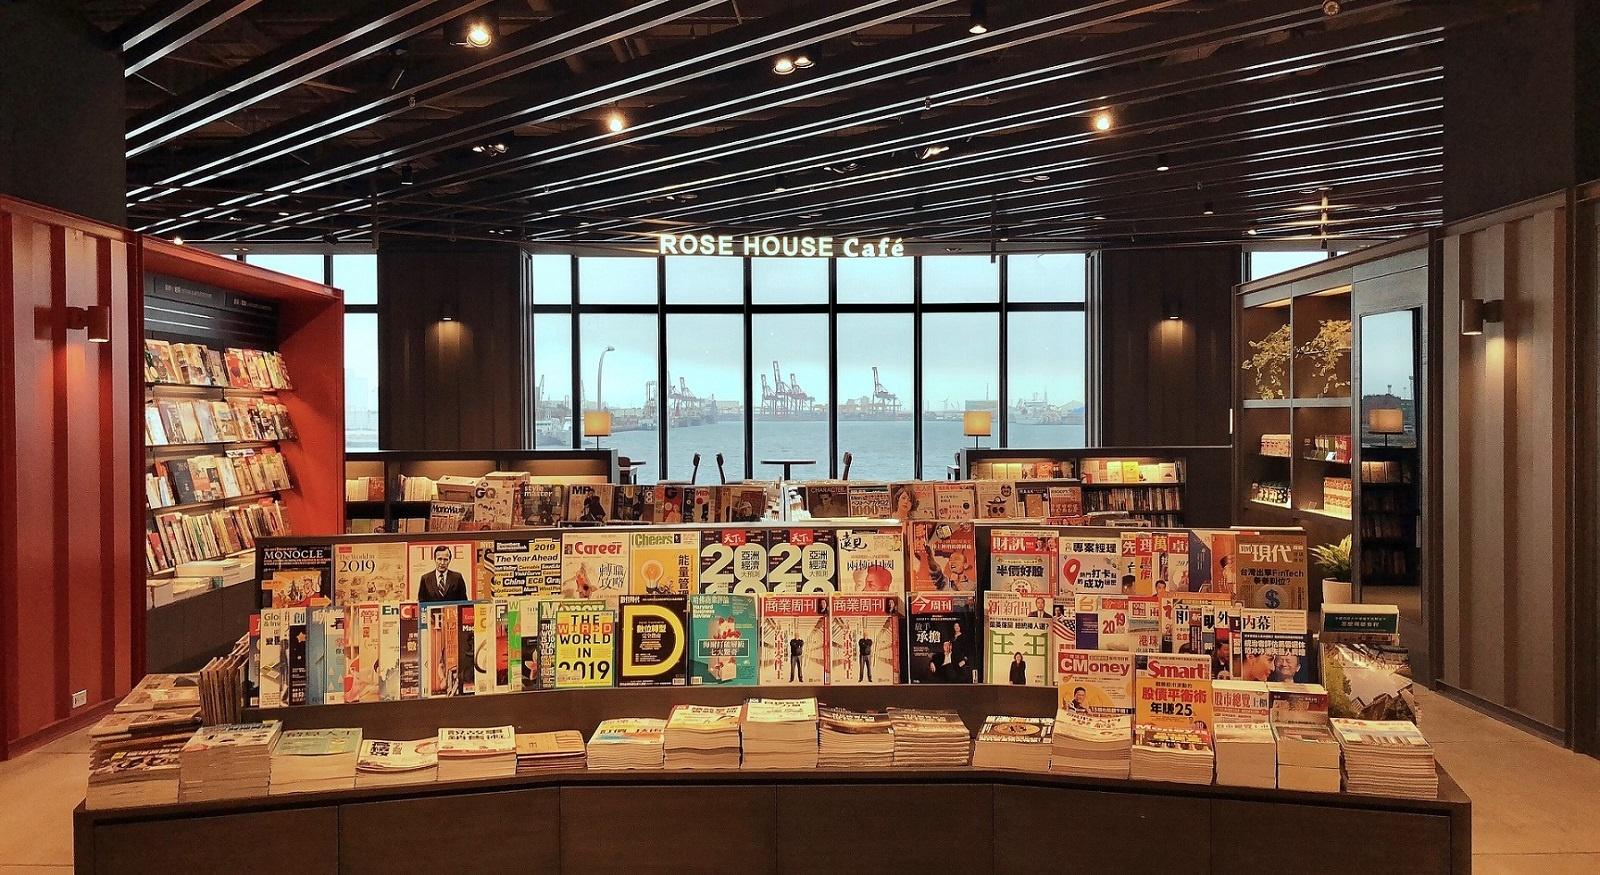 全台首間「能看海的誠品」三井oulet登場!閱讀、咖啡、舒芙蕾一次到位!